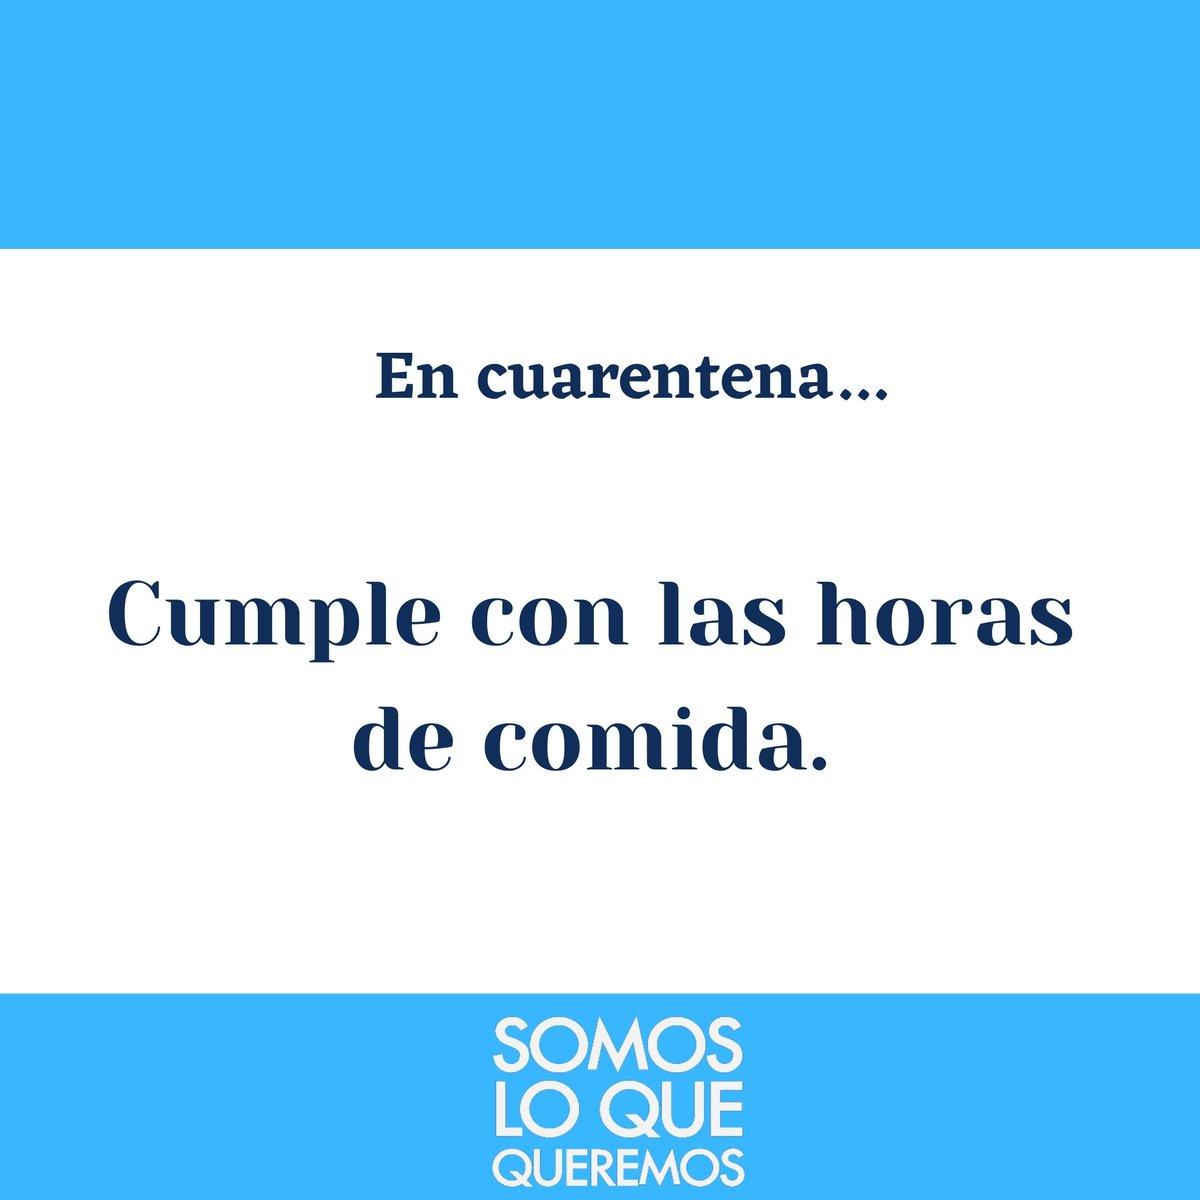 Debes comer🍝 en los horarios adecuados🕗 , ya que el descontrol en la ingesta de alimentos ocasiona daños en el sistema gastrointestinal.😔  . .  #SomosLoQueQueremos  #NadaCambiaSiTuNoCambias #Cuarentena #Covid_19 #QuédateEnCasa https://t.co/Vqs2A8ilwH